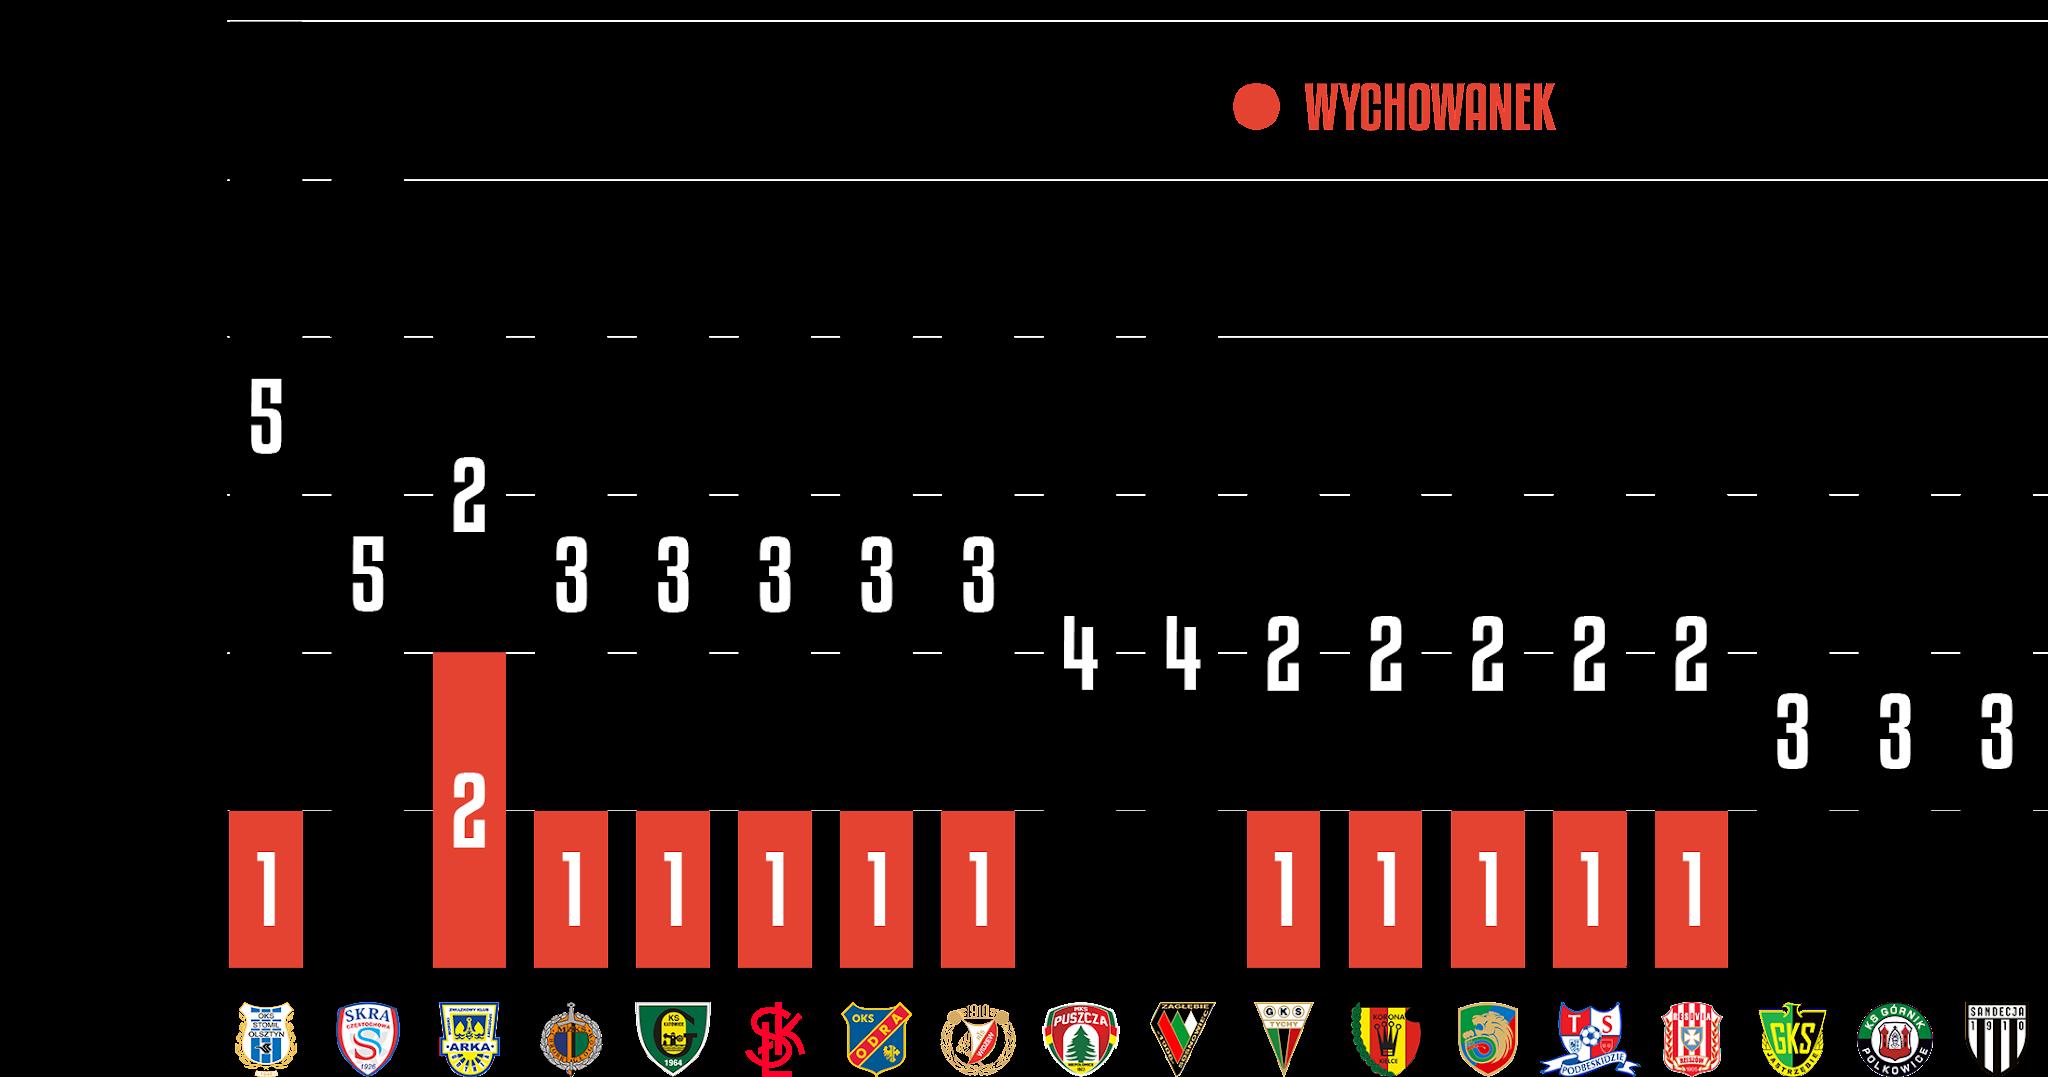 Młodzieżowcy w poszczególnych klubach Fortuna 1 Ligi<br><br>Źródło: Opracowanie własne na podstawie 90minut.pl<br><br>graf. Bartosz Urban